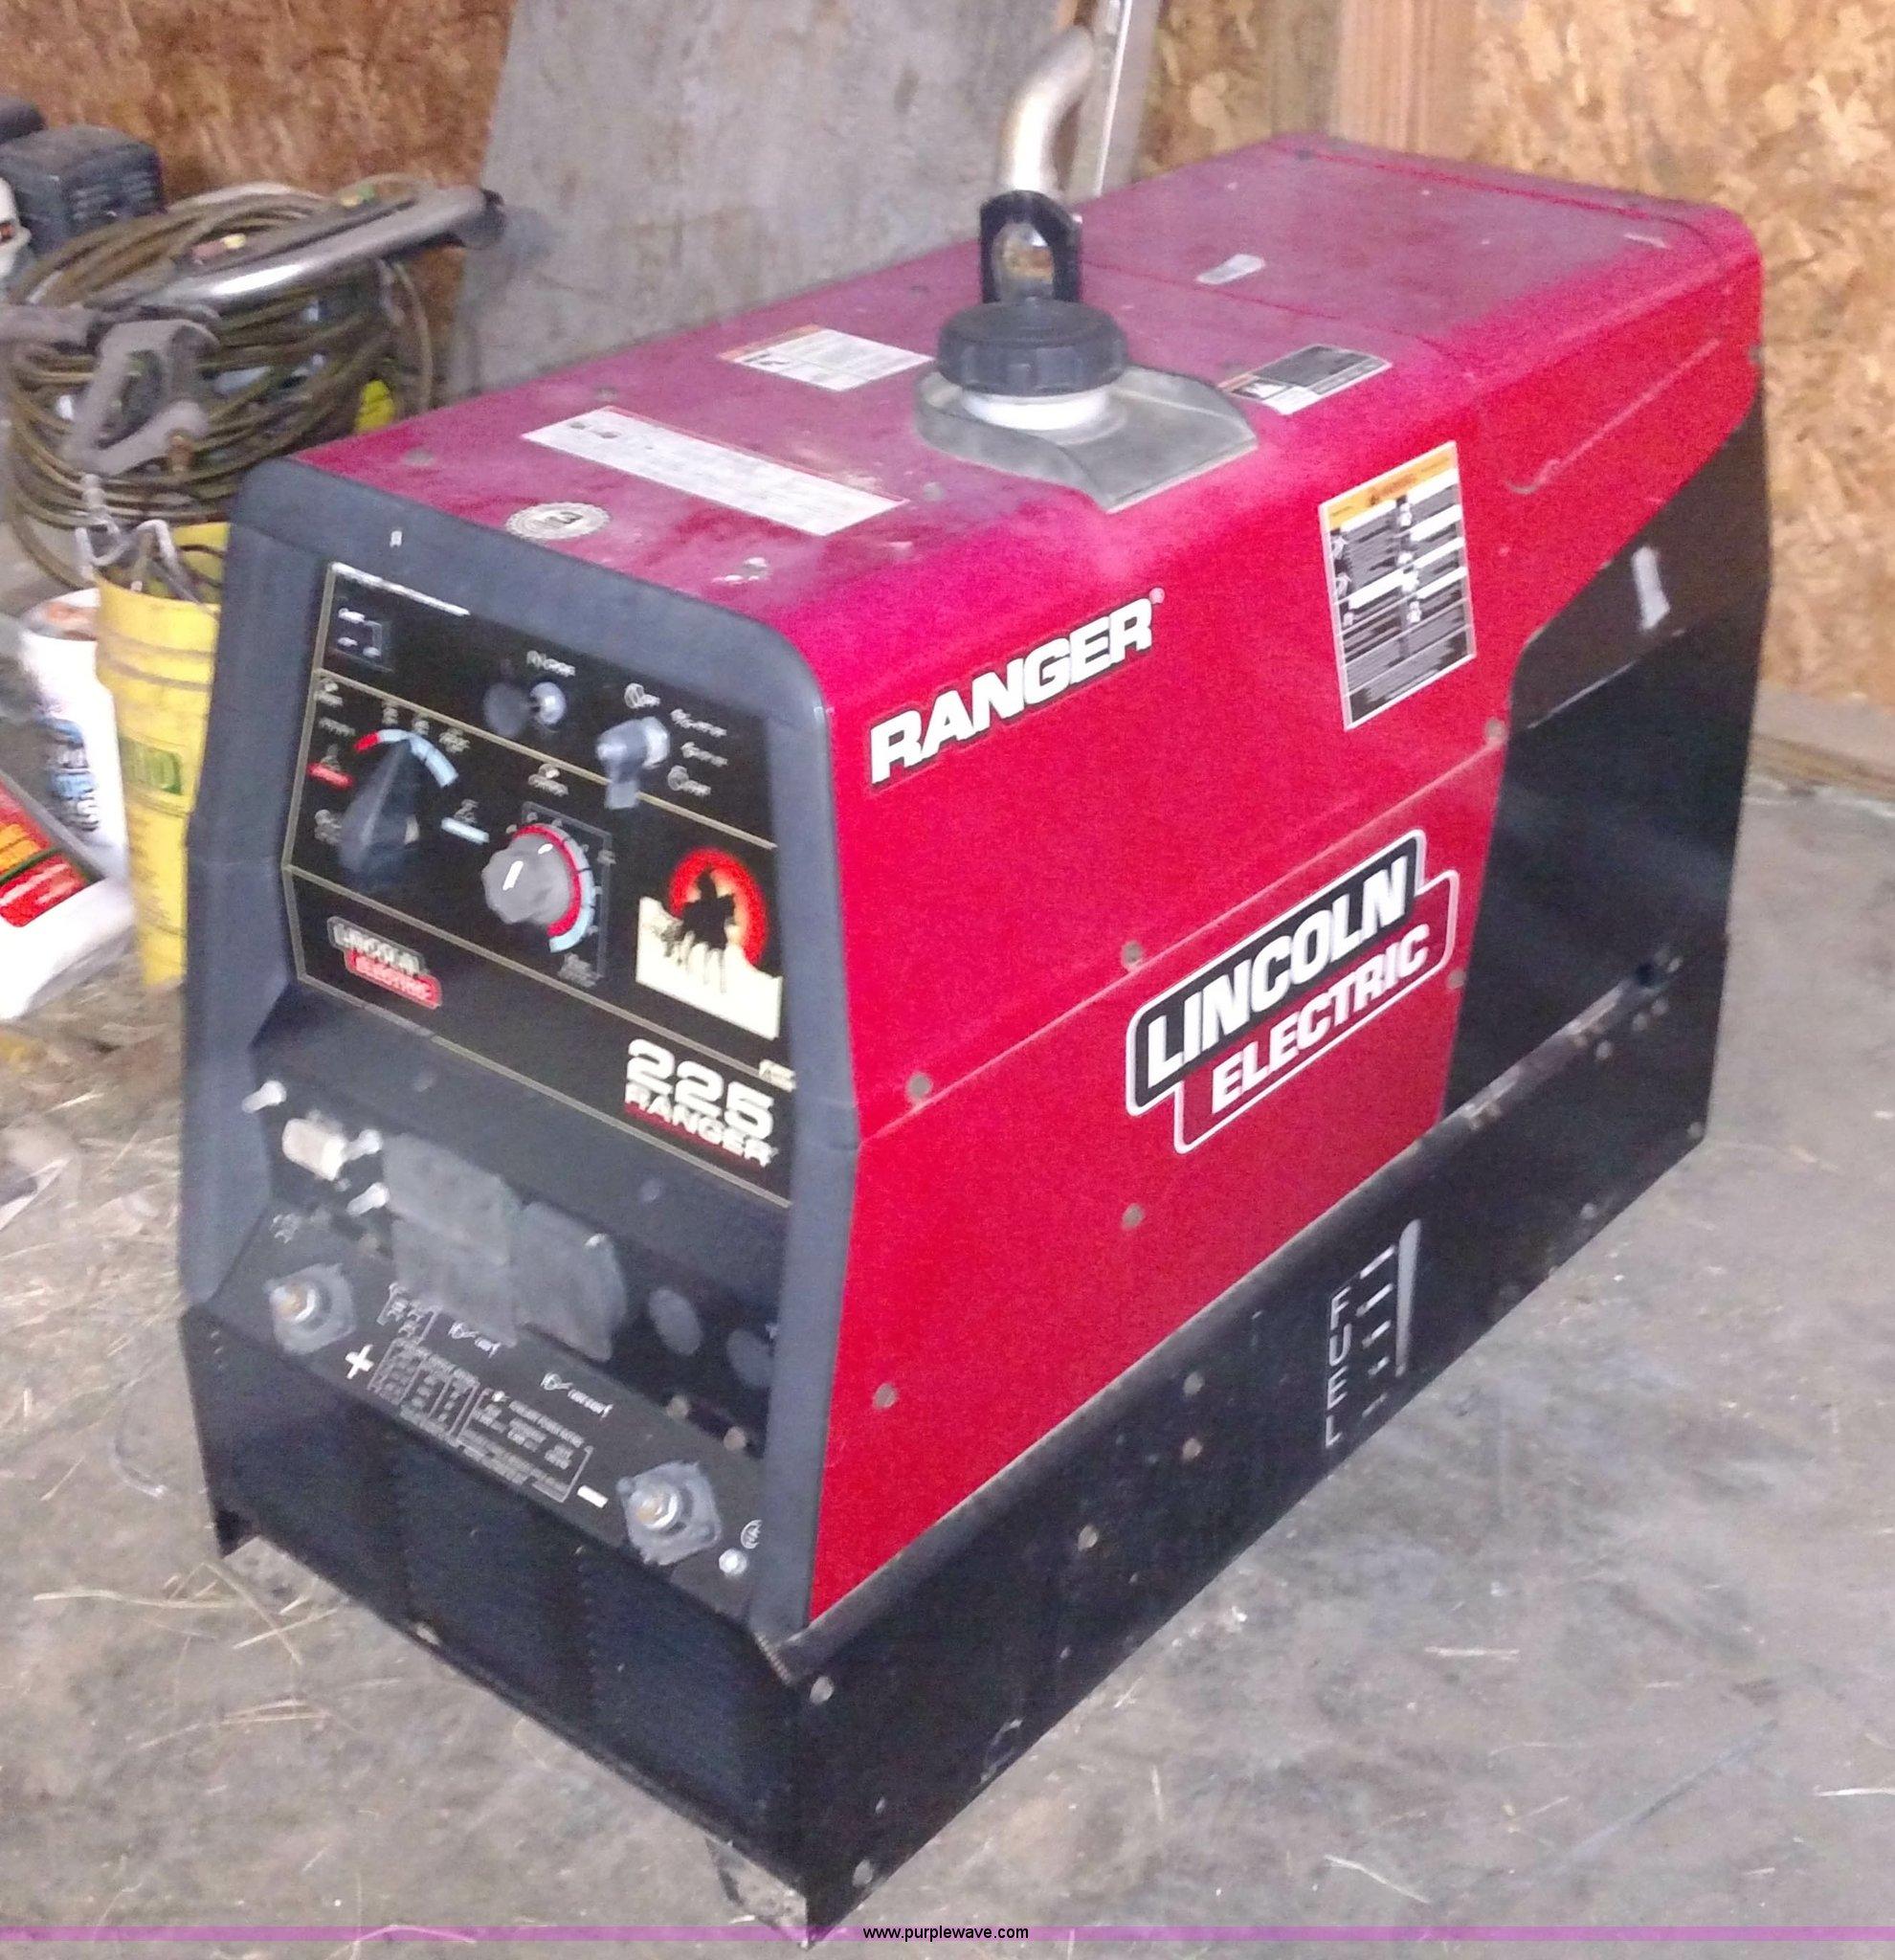 Lincoln Ranger 225 Engine Welder Generator for sale (K2857 ...  |Lincoln- Rangers